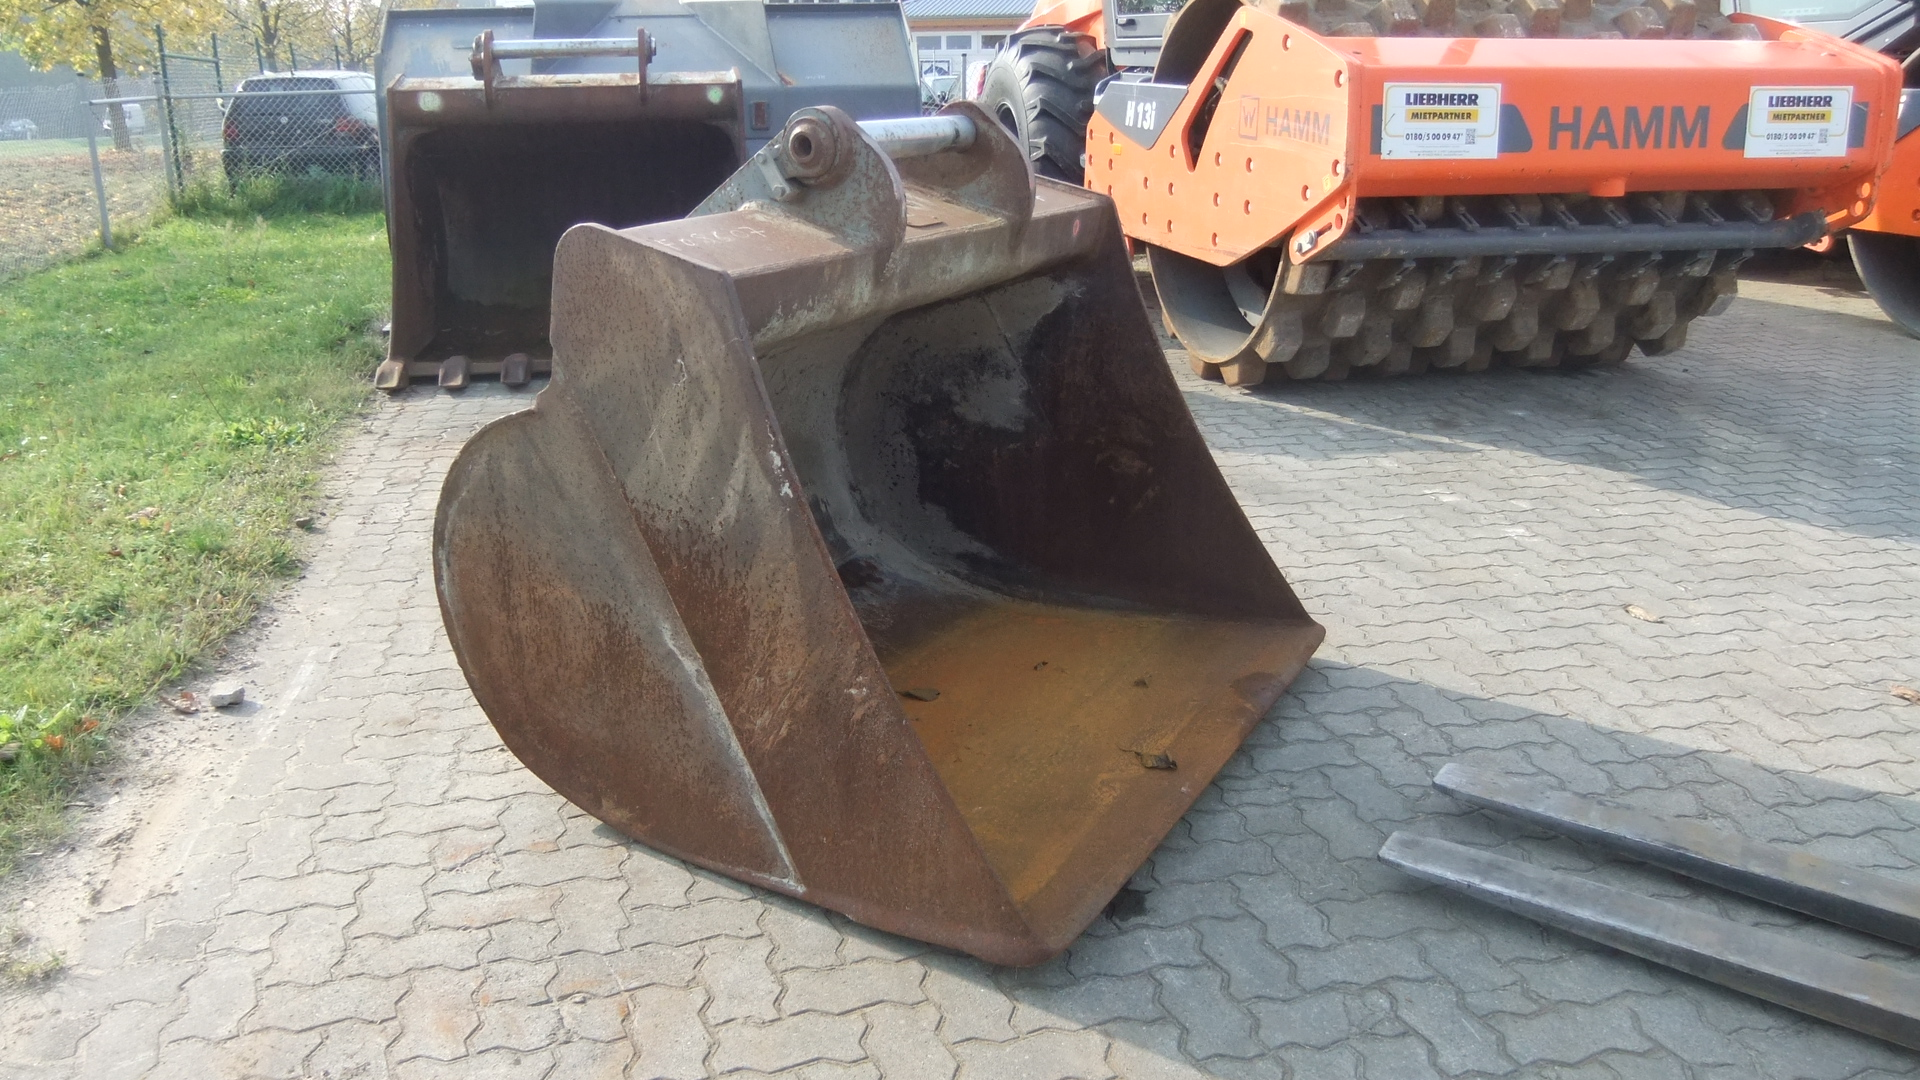 DSCF8988.JPG